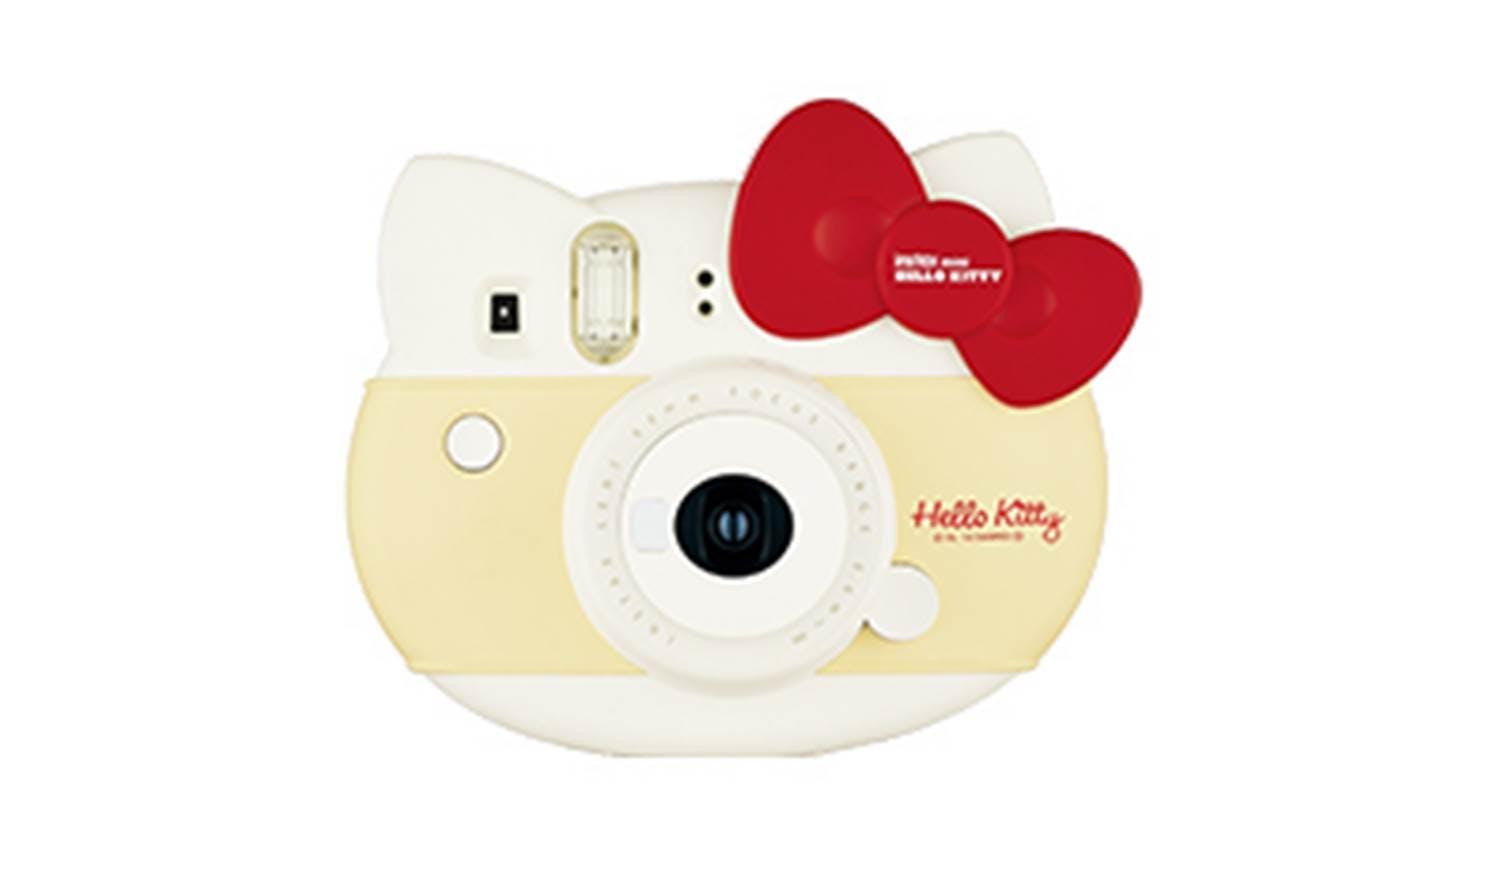 Fujifilm Instax Mini Hello Kitty Polaroid Camera